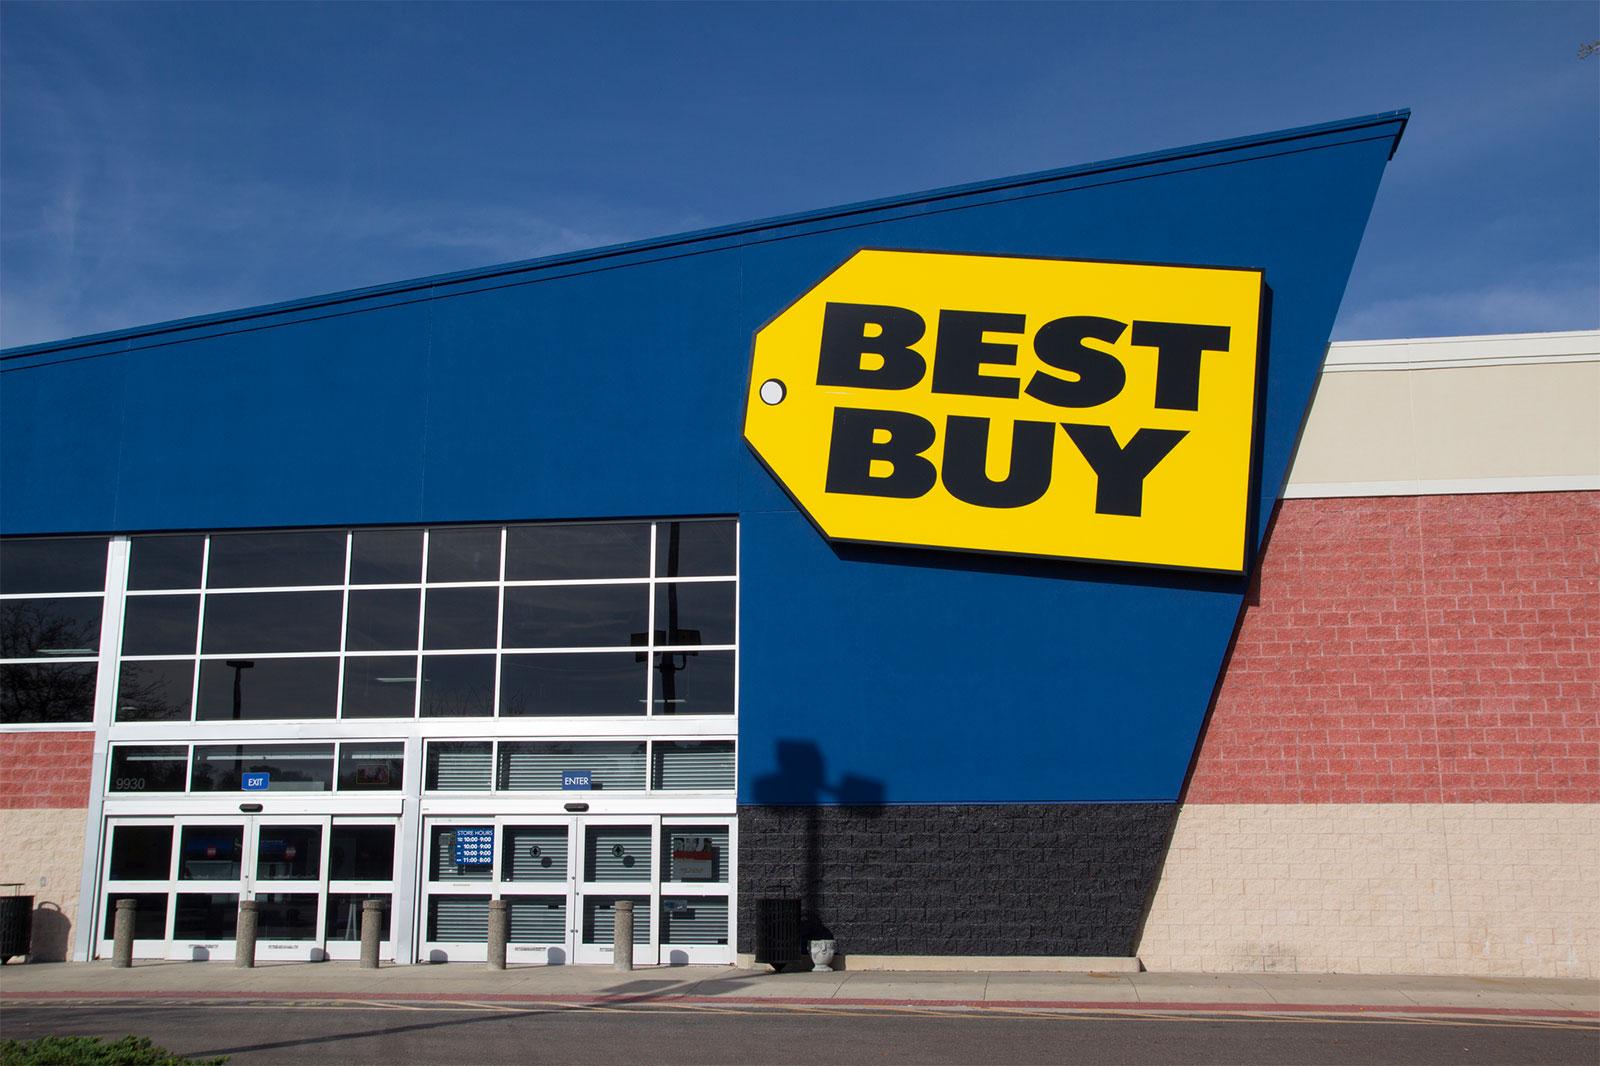 Tienda de Best Buy en EEUU